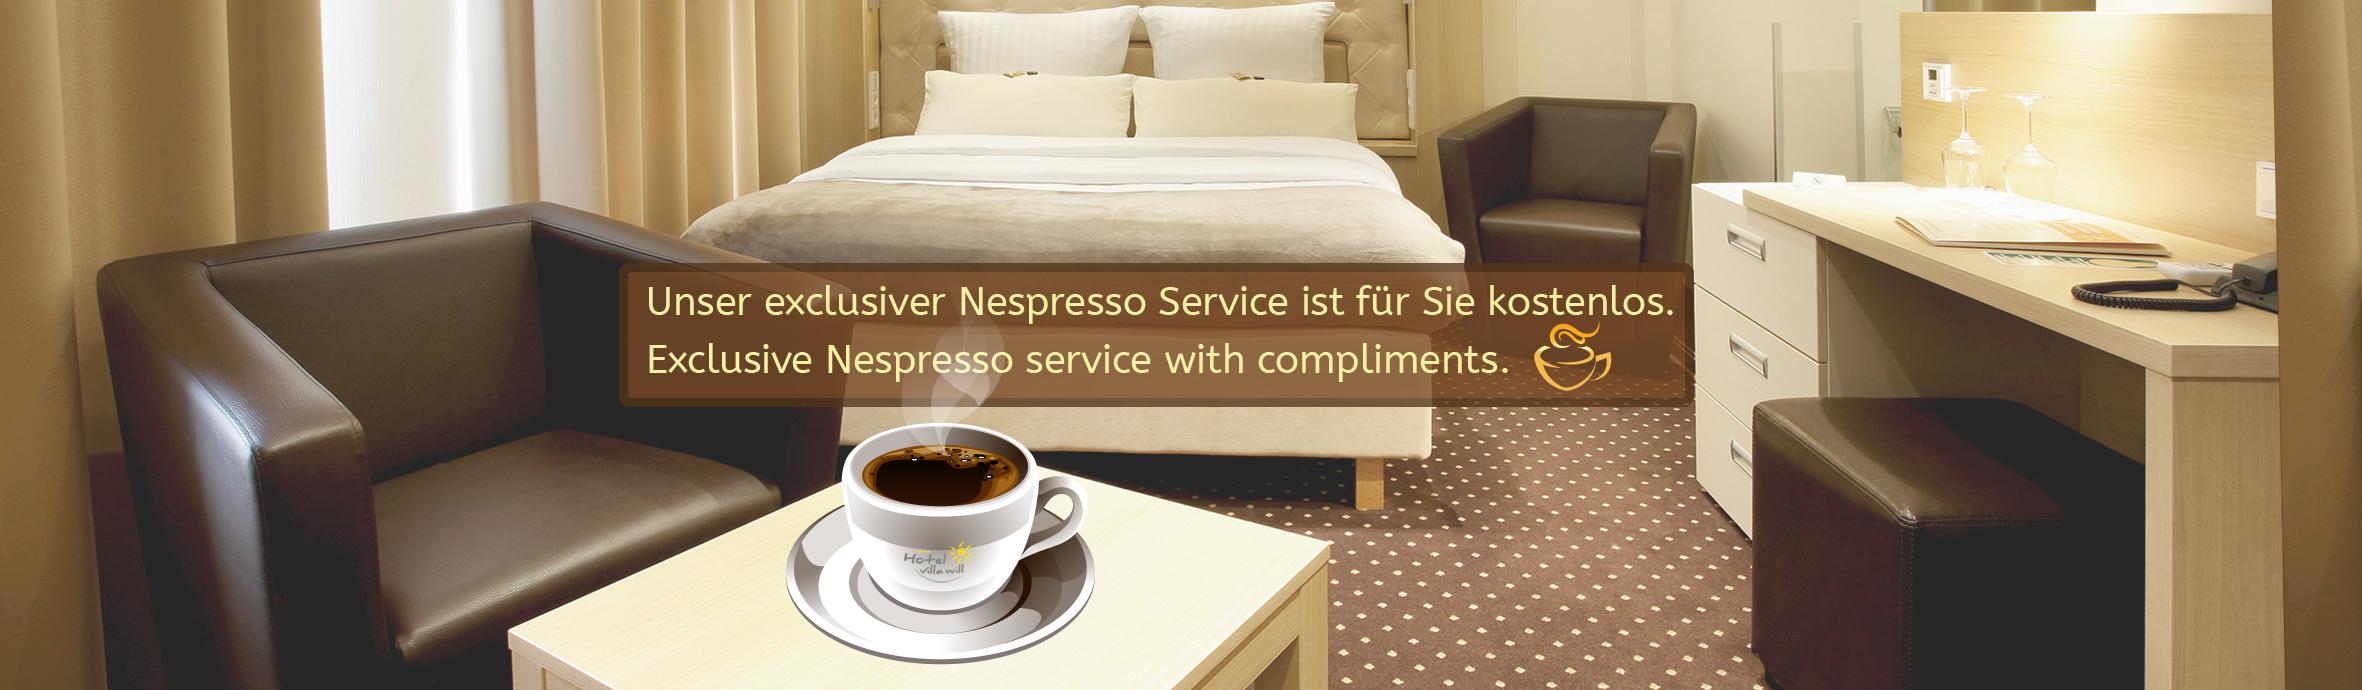 nespresso3